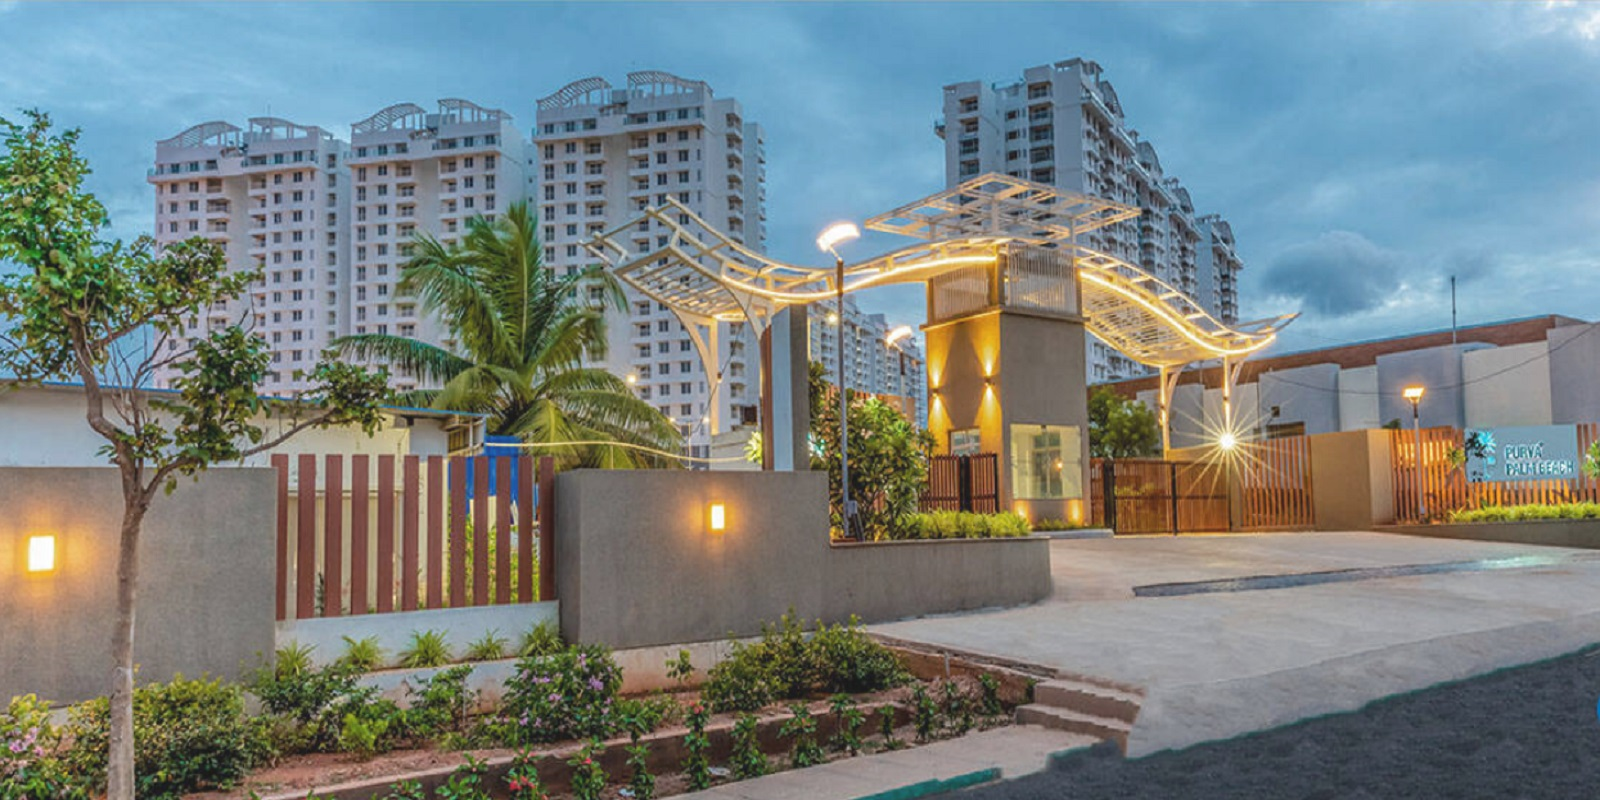 puravankara palm beach entrance view17